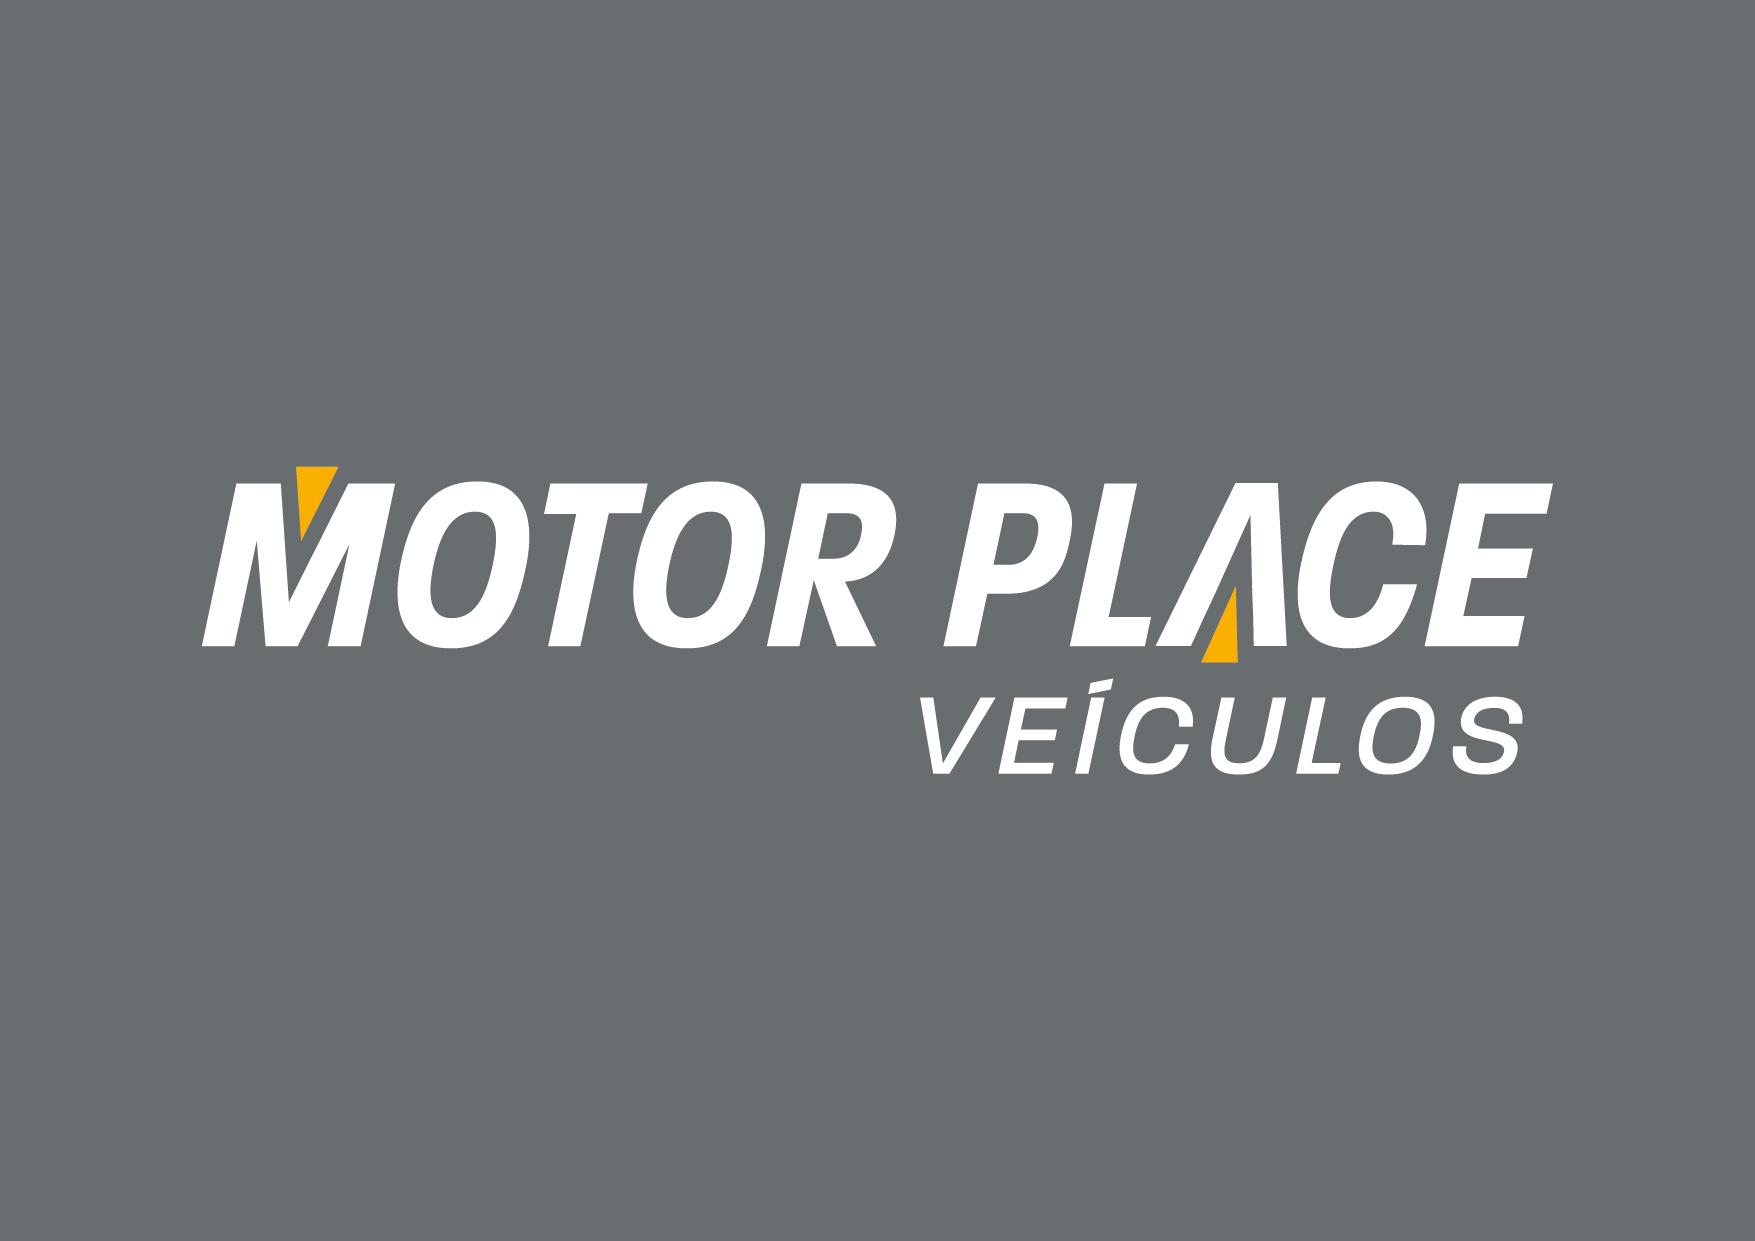 Motor Place Veículos